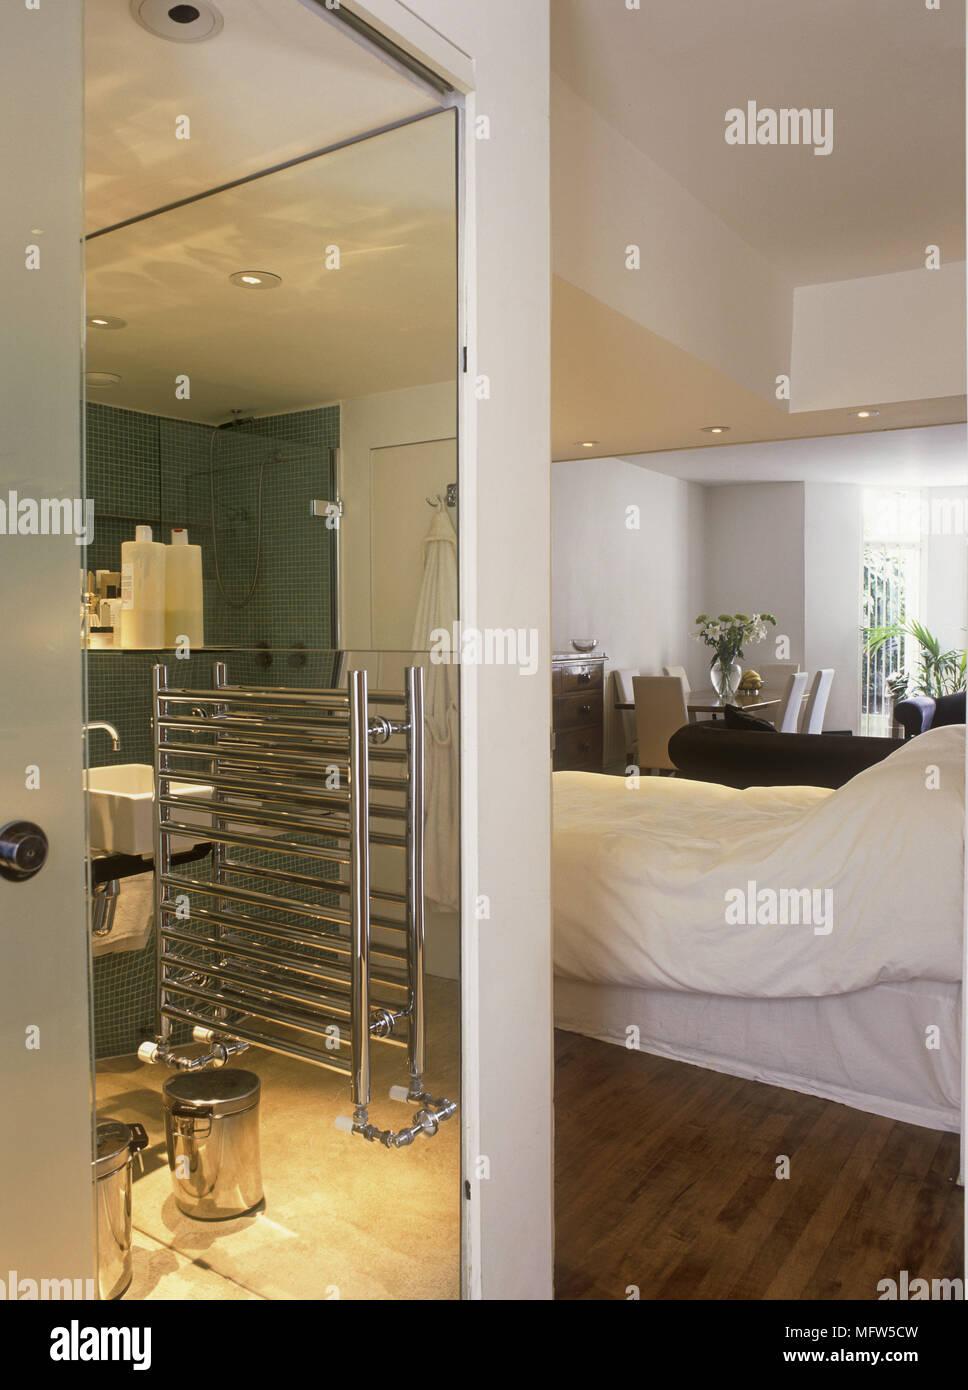 Blick durch die offene Tür in Bad, Schlafzimmer Stockfoto, Bild ...